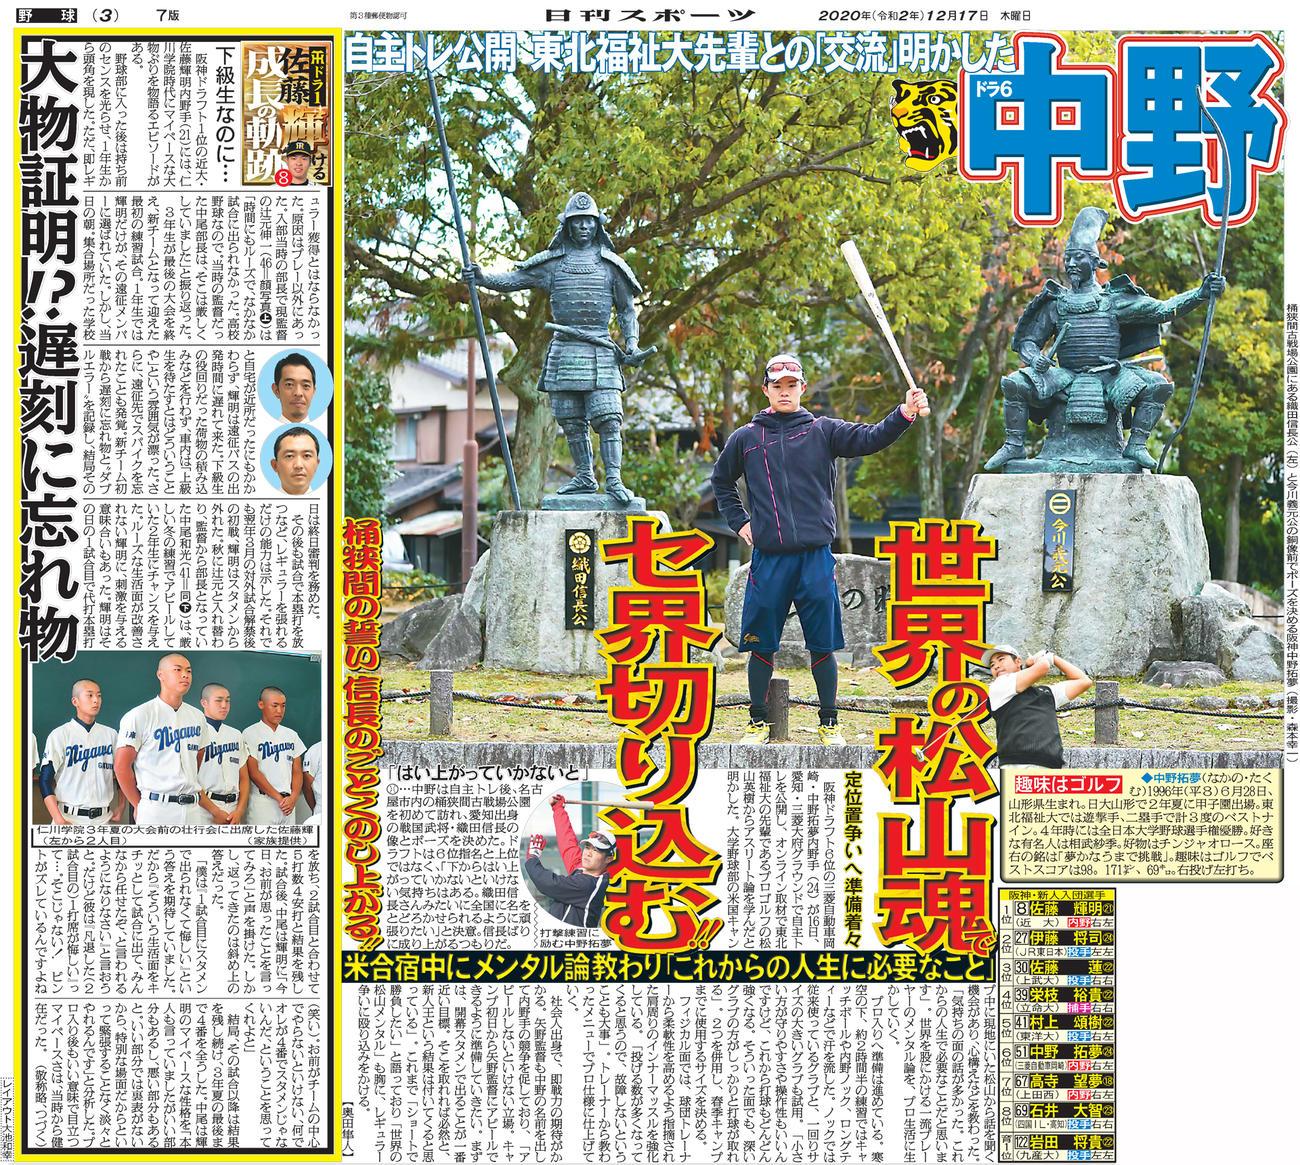 2020年12月17日付日刊スポーツ大阪版